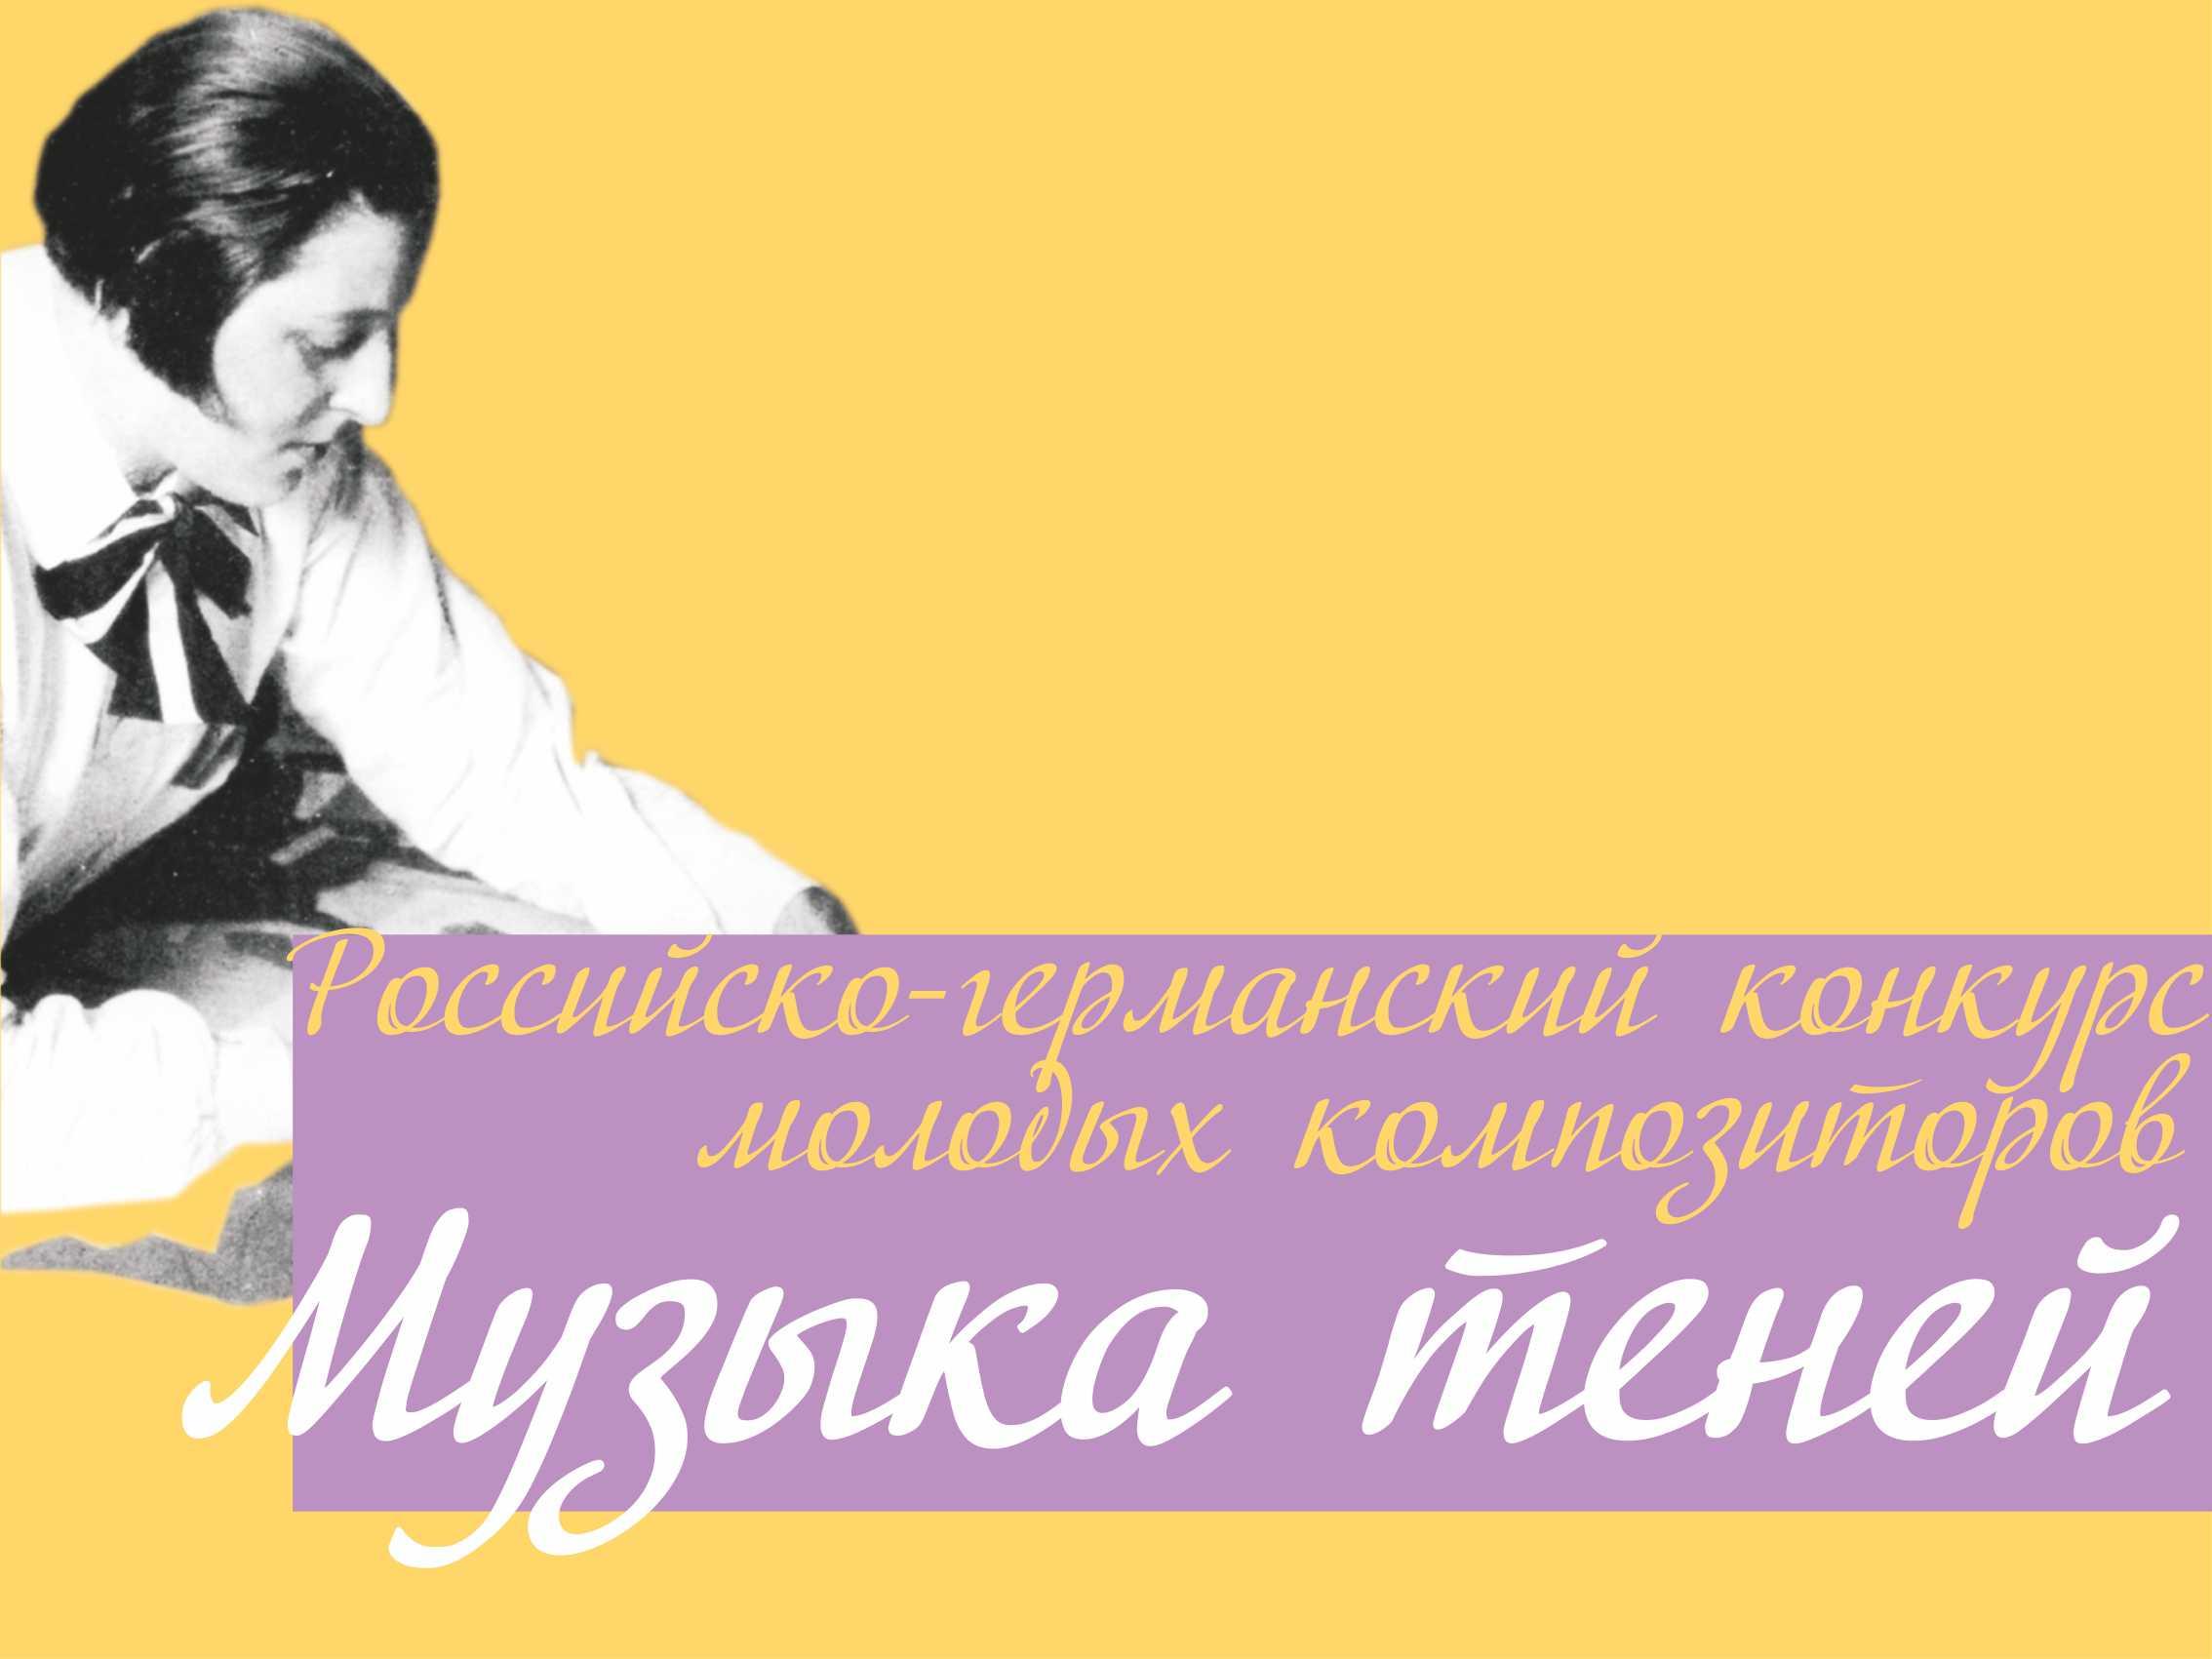 You are currently viewing Финал российско-германского конкурса молодых композиторов «Музыка теней»